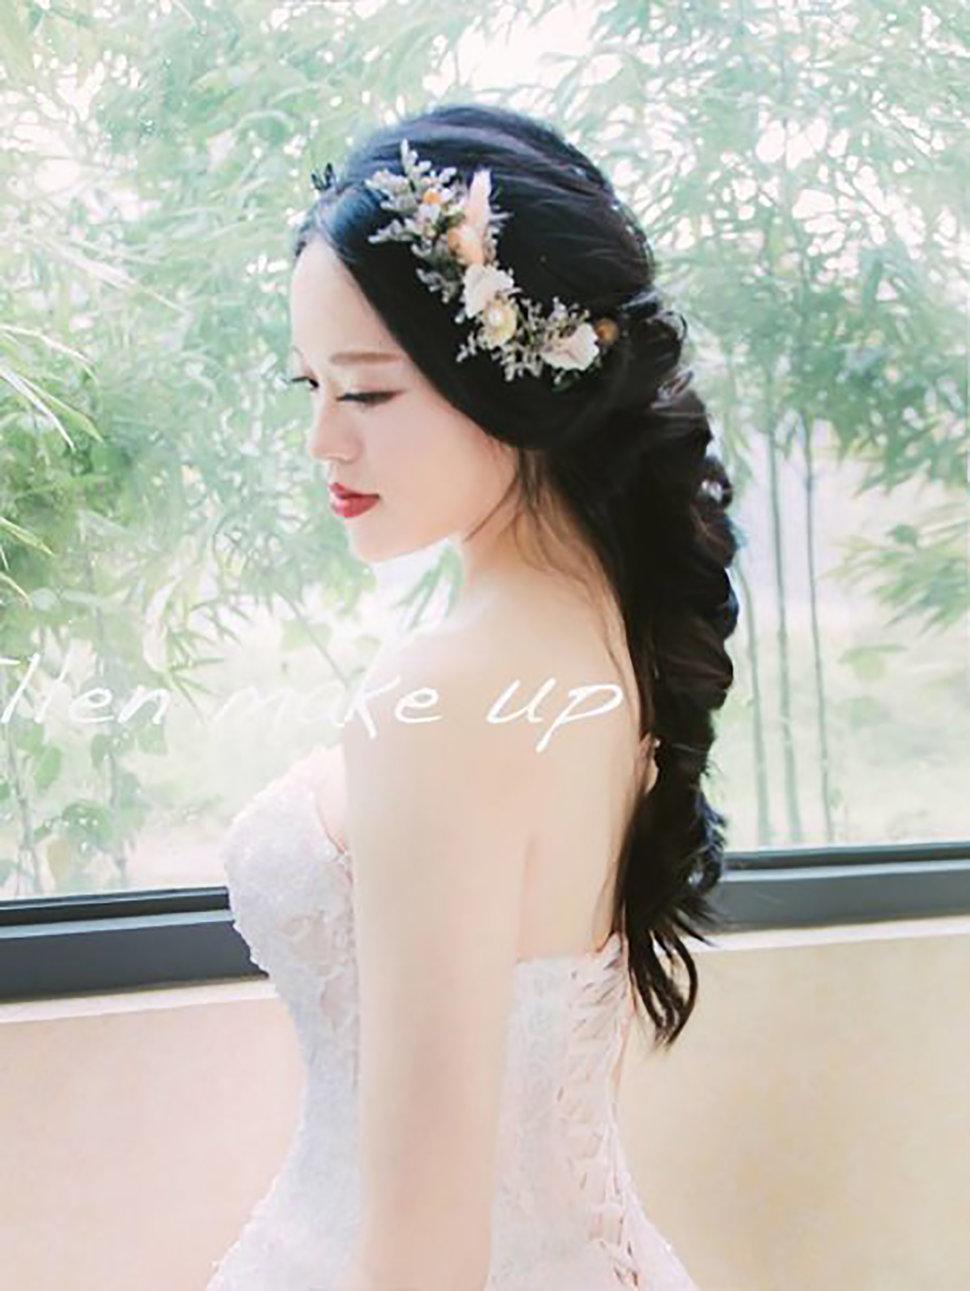 152937666137098400_auto_450x599 - Ellen wang stylist《結婚吧》